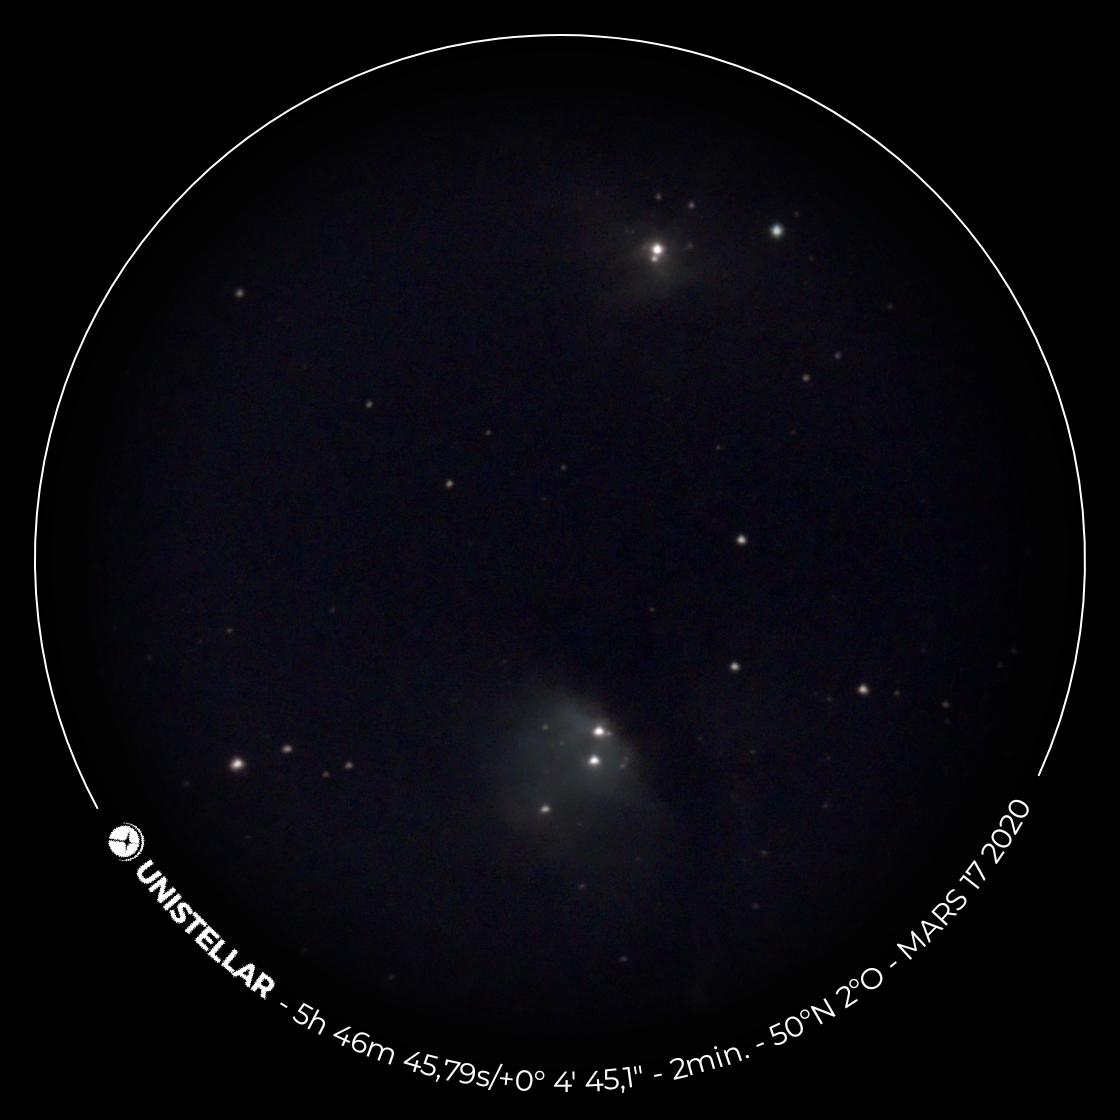 eVscope-20200317-211557.png.0f16907624256e79341b5fb173928270.png